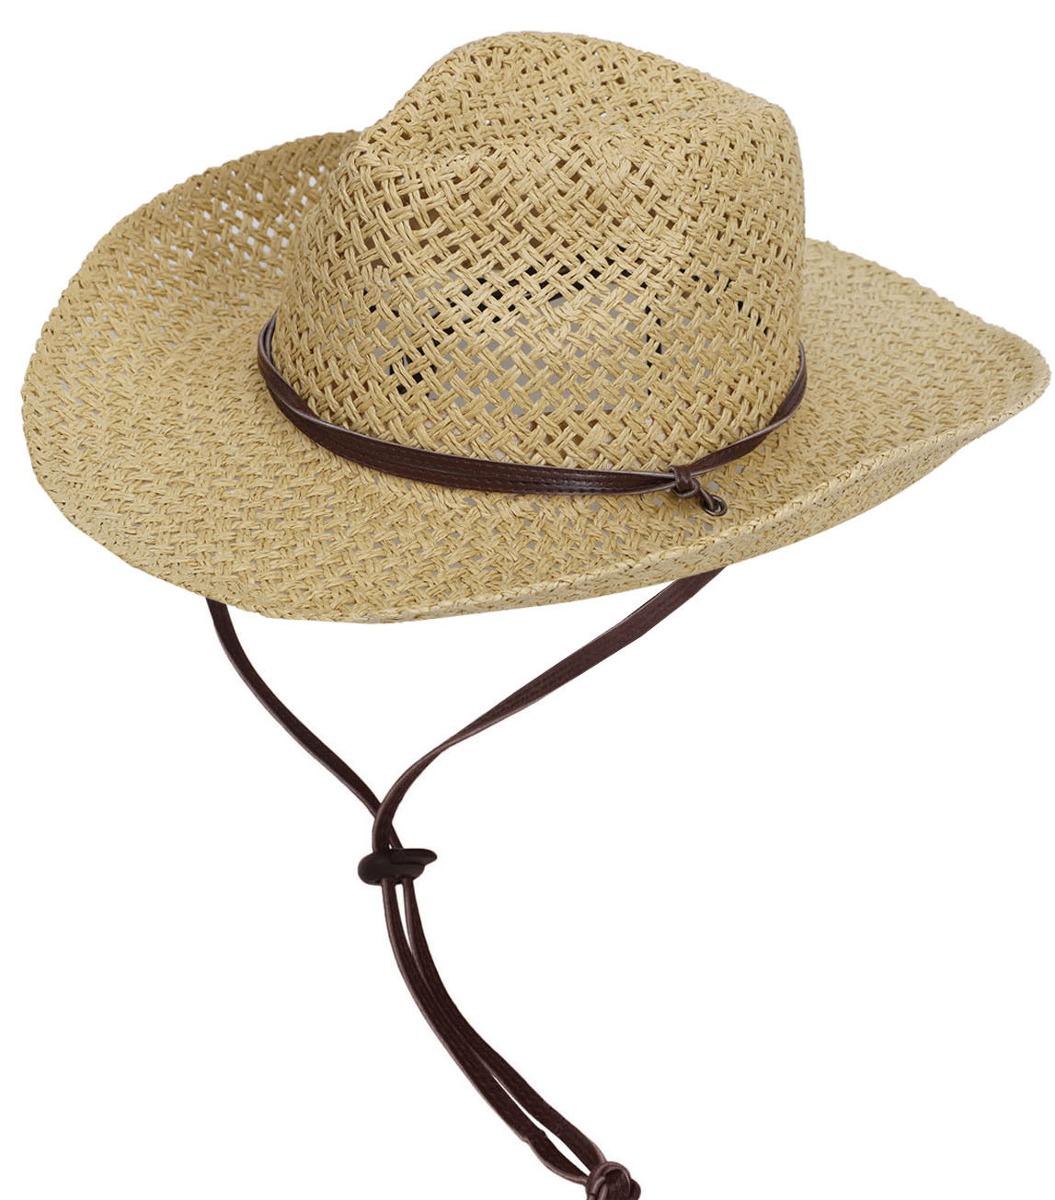 sombrero de vaquero western retro hombres playa... (beige). Cargando zoom. 10a4dcb916c5